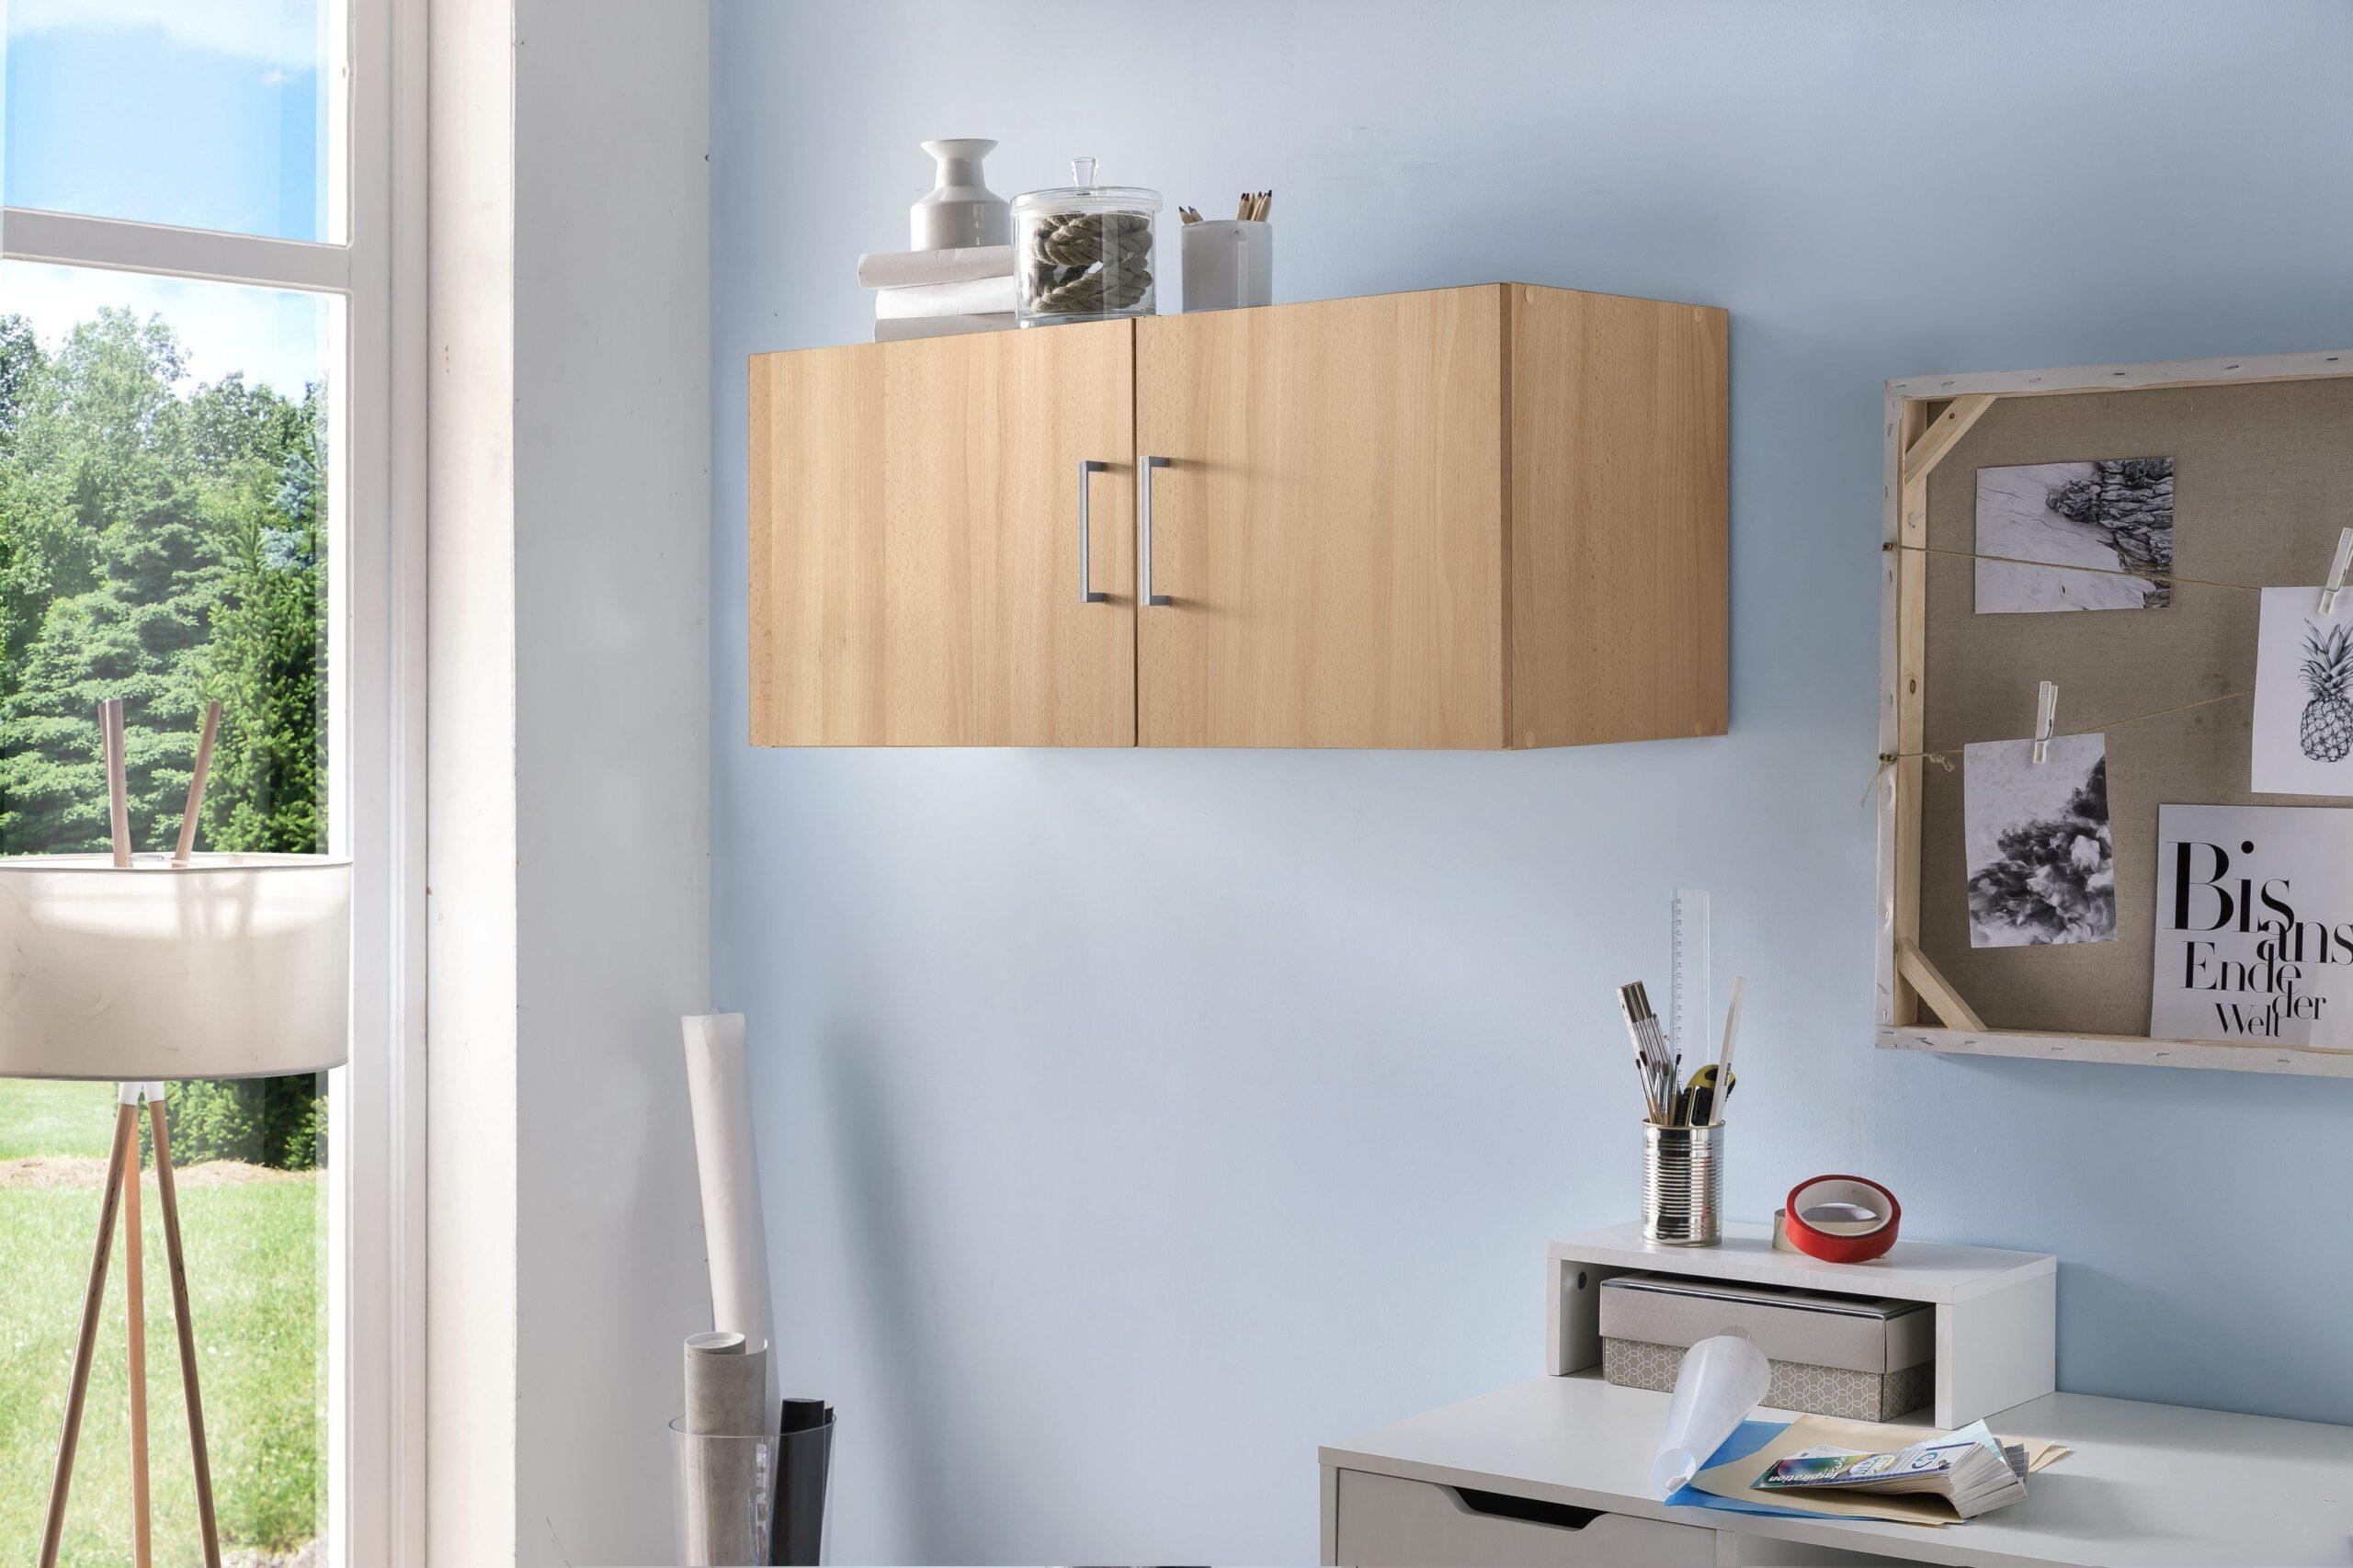 Full Size of Hängeschrank Wohnzimmer Deko Bad Weiß Hochglanz Wandbilder Deckenlampen Komplett Teppich Pendelleuchte Küche Teppiche Glastüren Led Deckenleuchte Wohnzimmer Hängeschrank Wohnzimmer